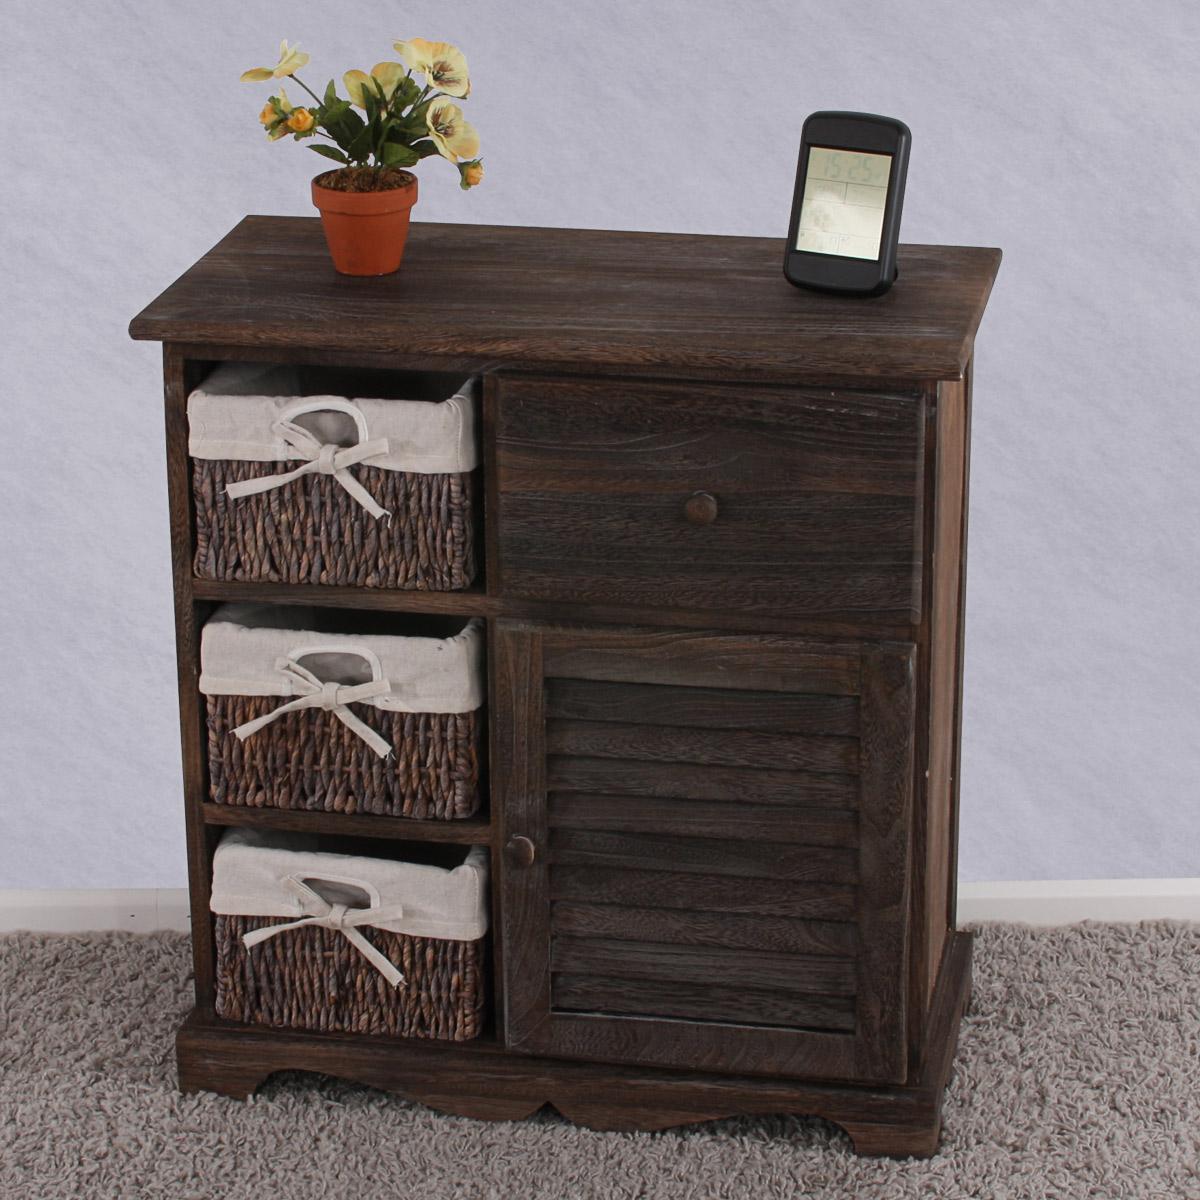 kommode schrank mit 3 k rben 63x60x30cm shabby look vintage wei braun grau ebay. Black Bedroom Furniture Sets. Home Design Ideas